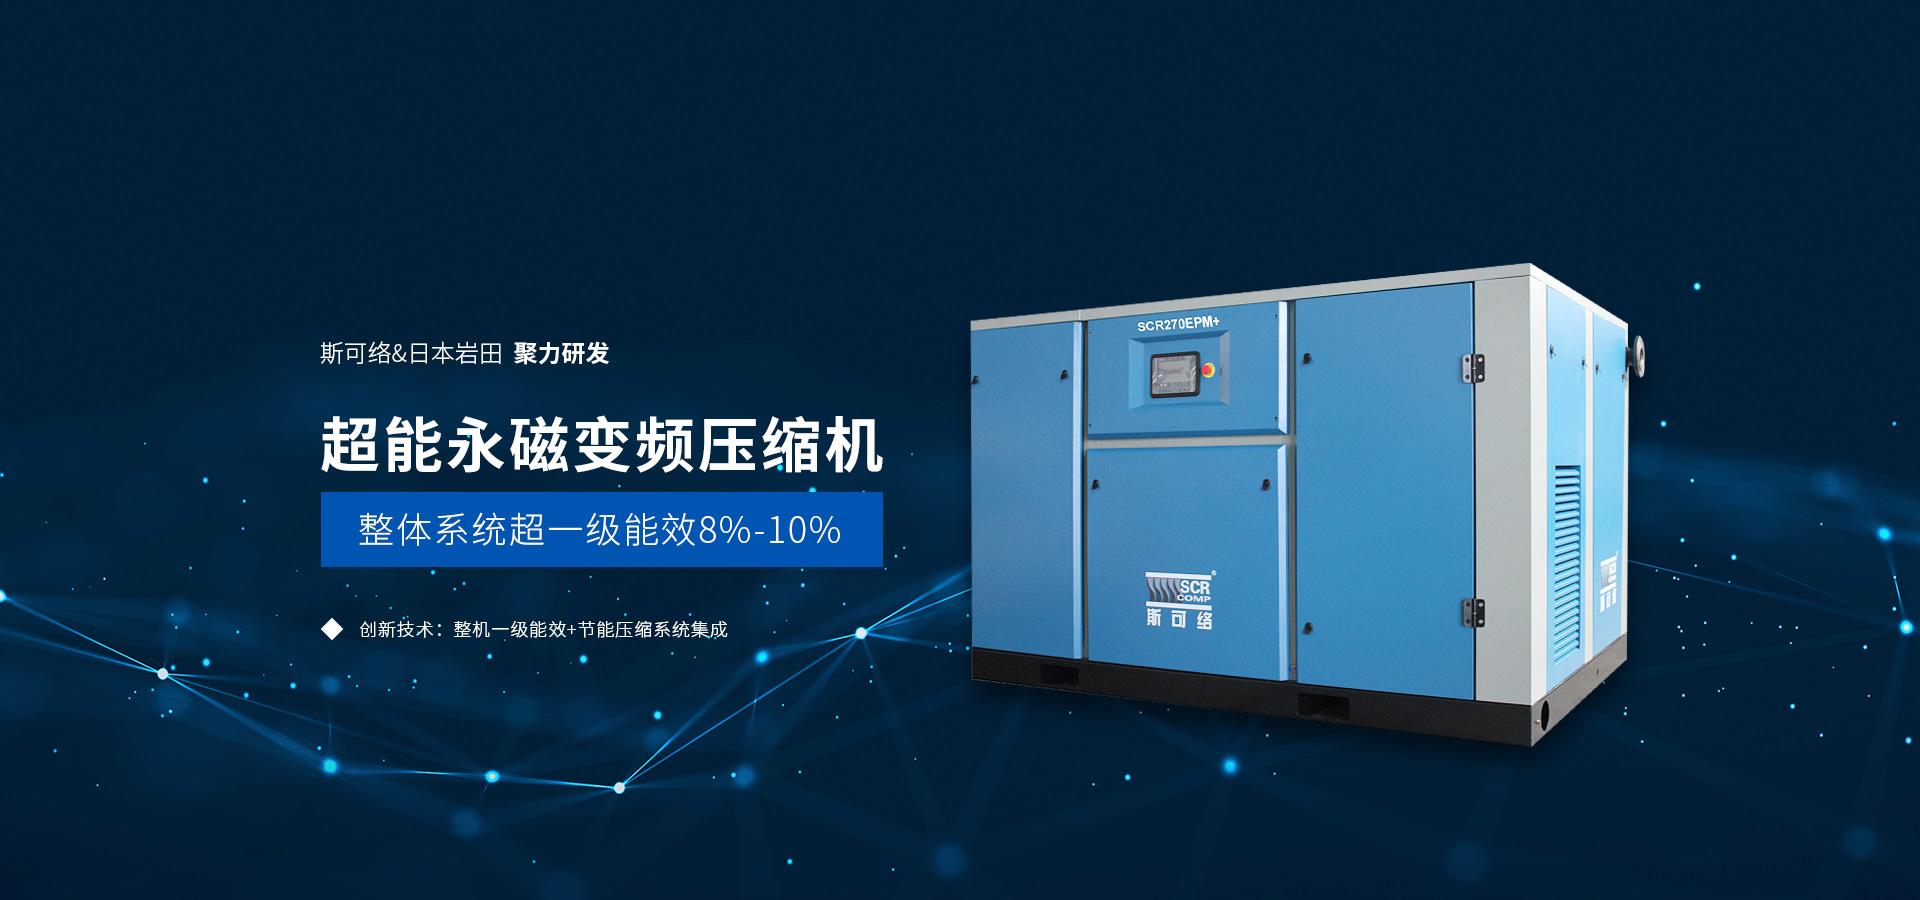 斯可络&日本岩田   聚力研发 超能永磁变频压缩机  整体系统超一级能效8%-10%